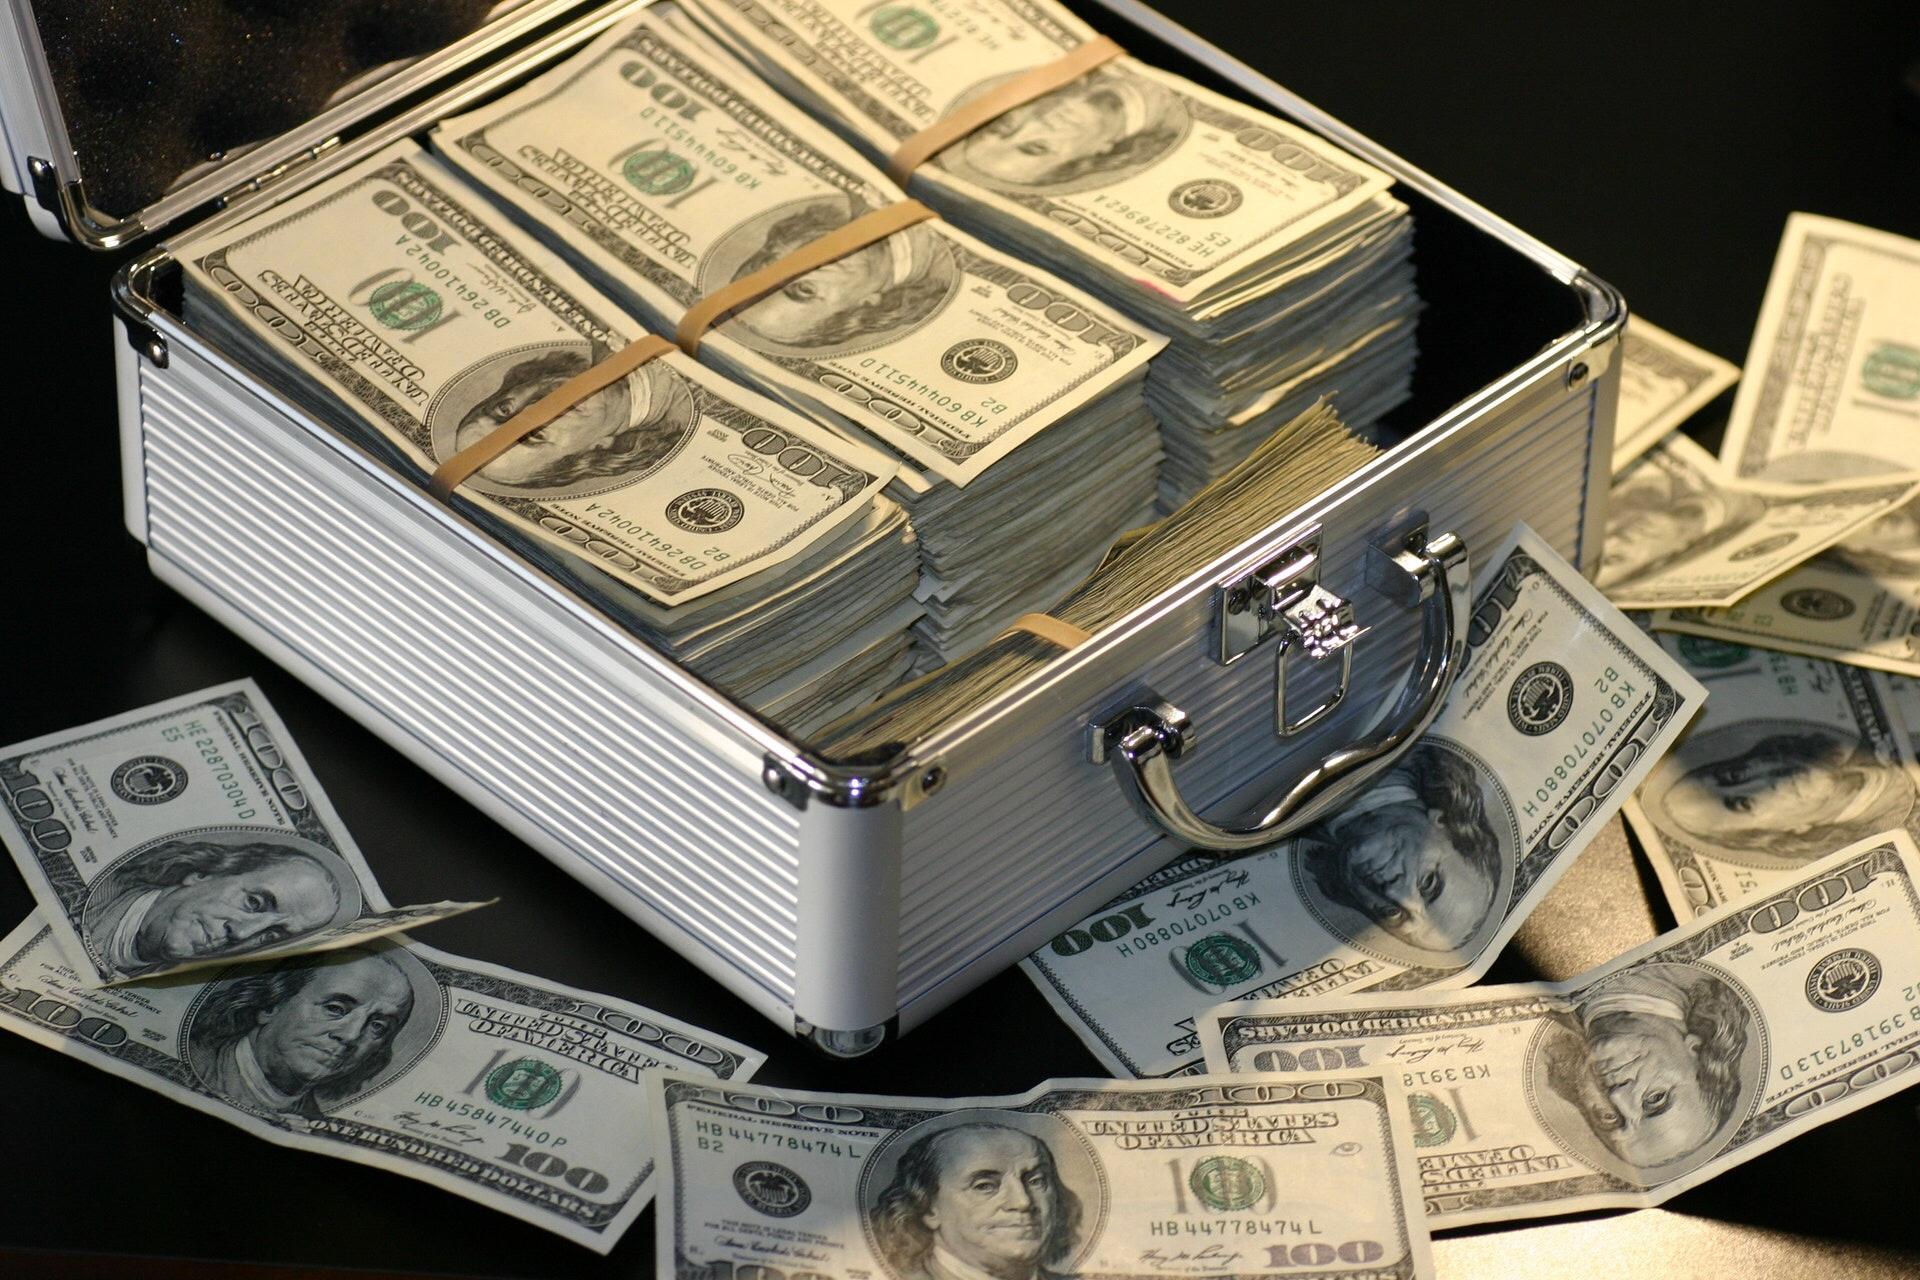 Briefcase full of 100 dollar bills